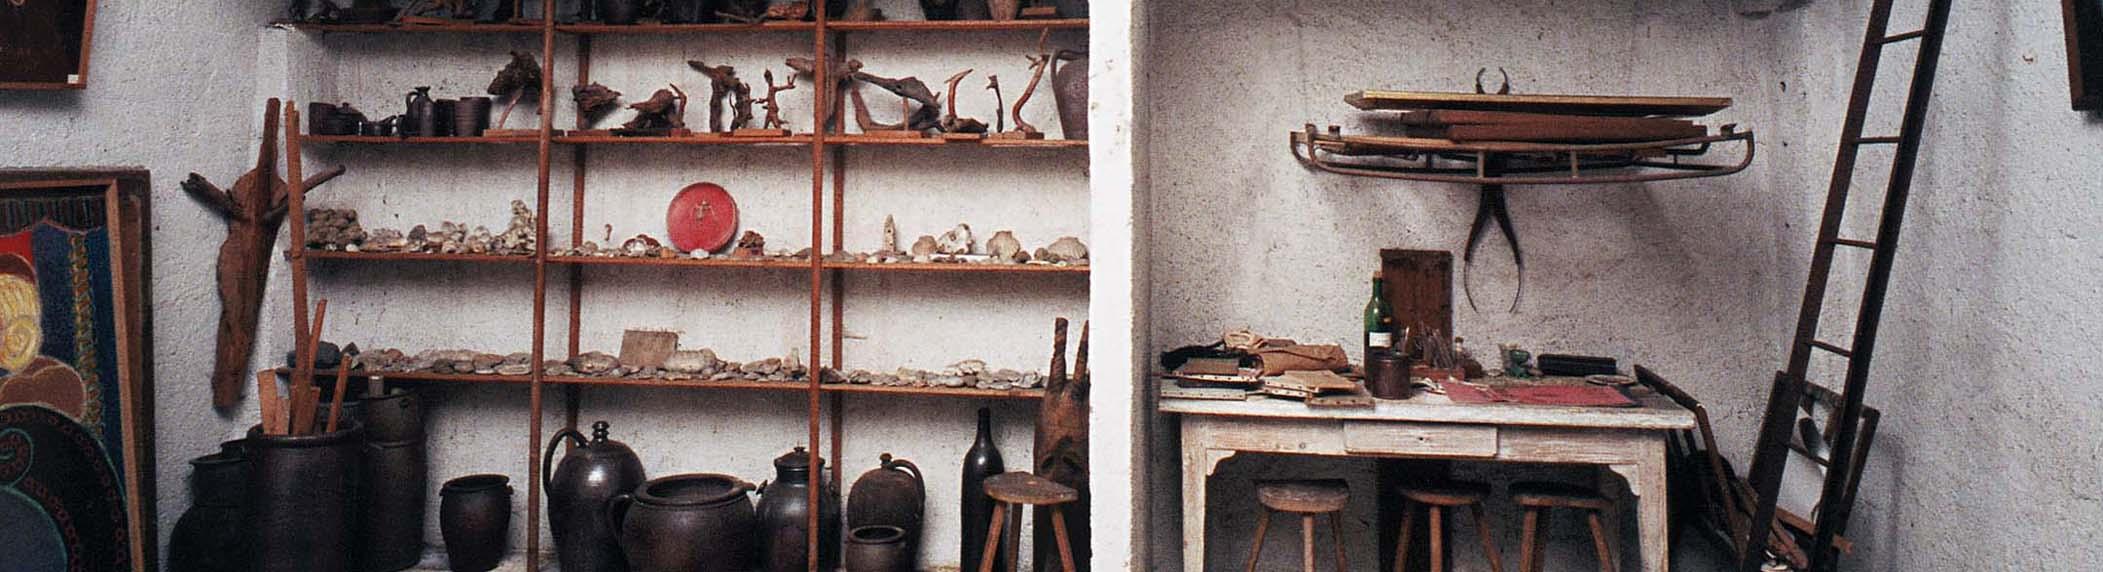 Atelier de Bayeux